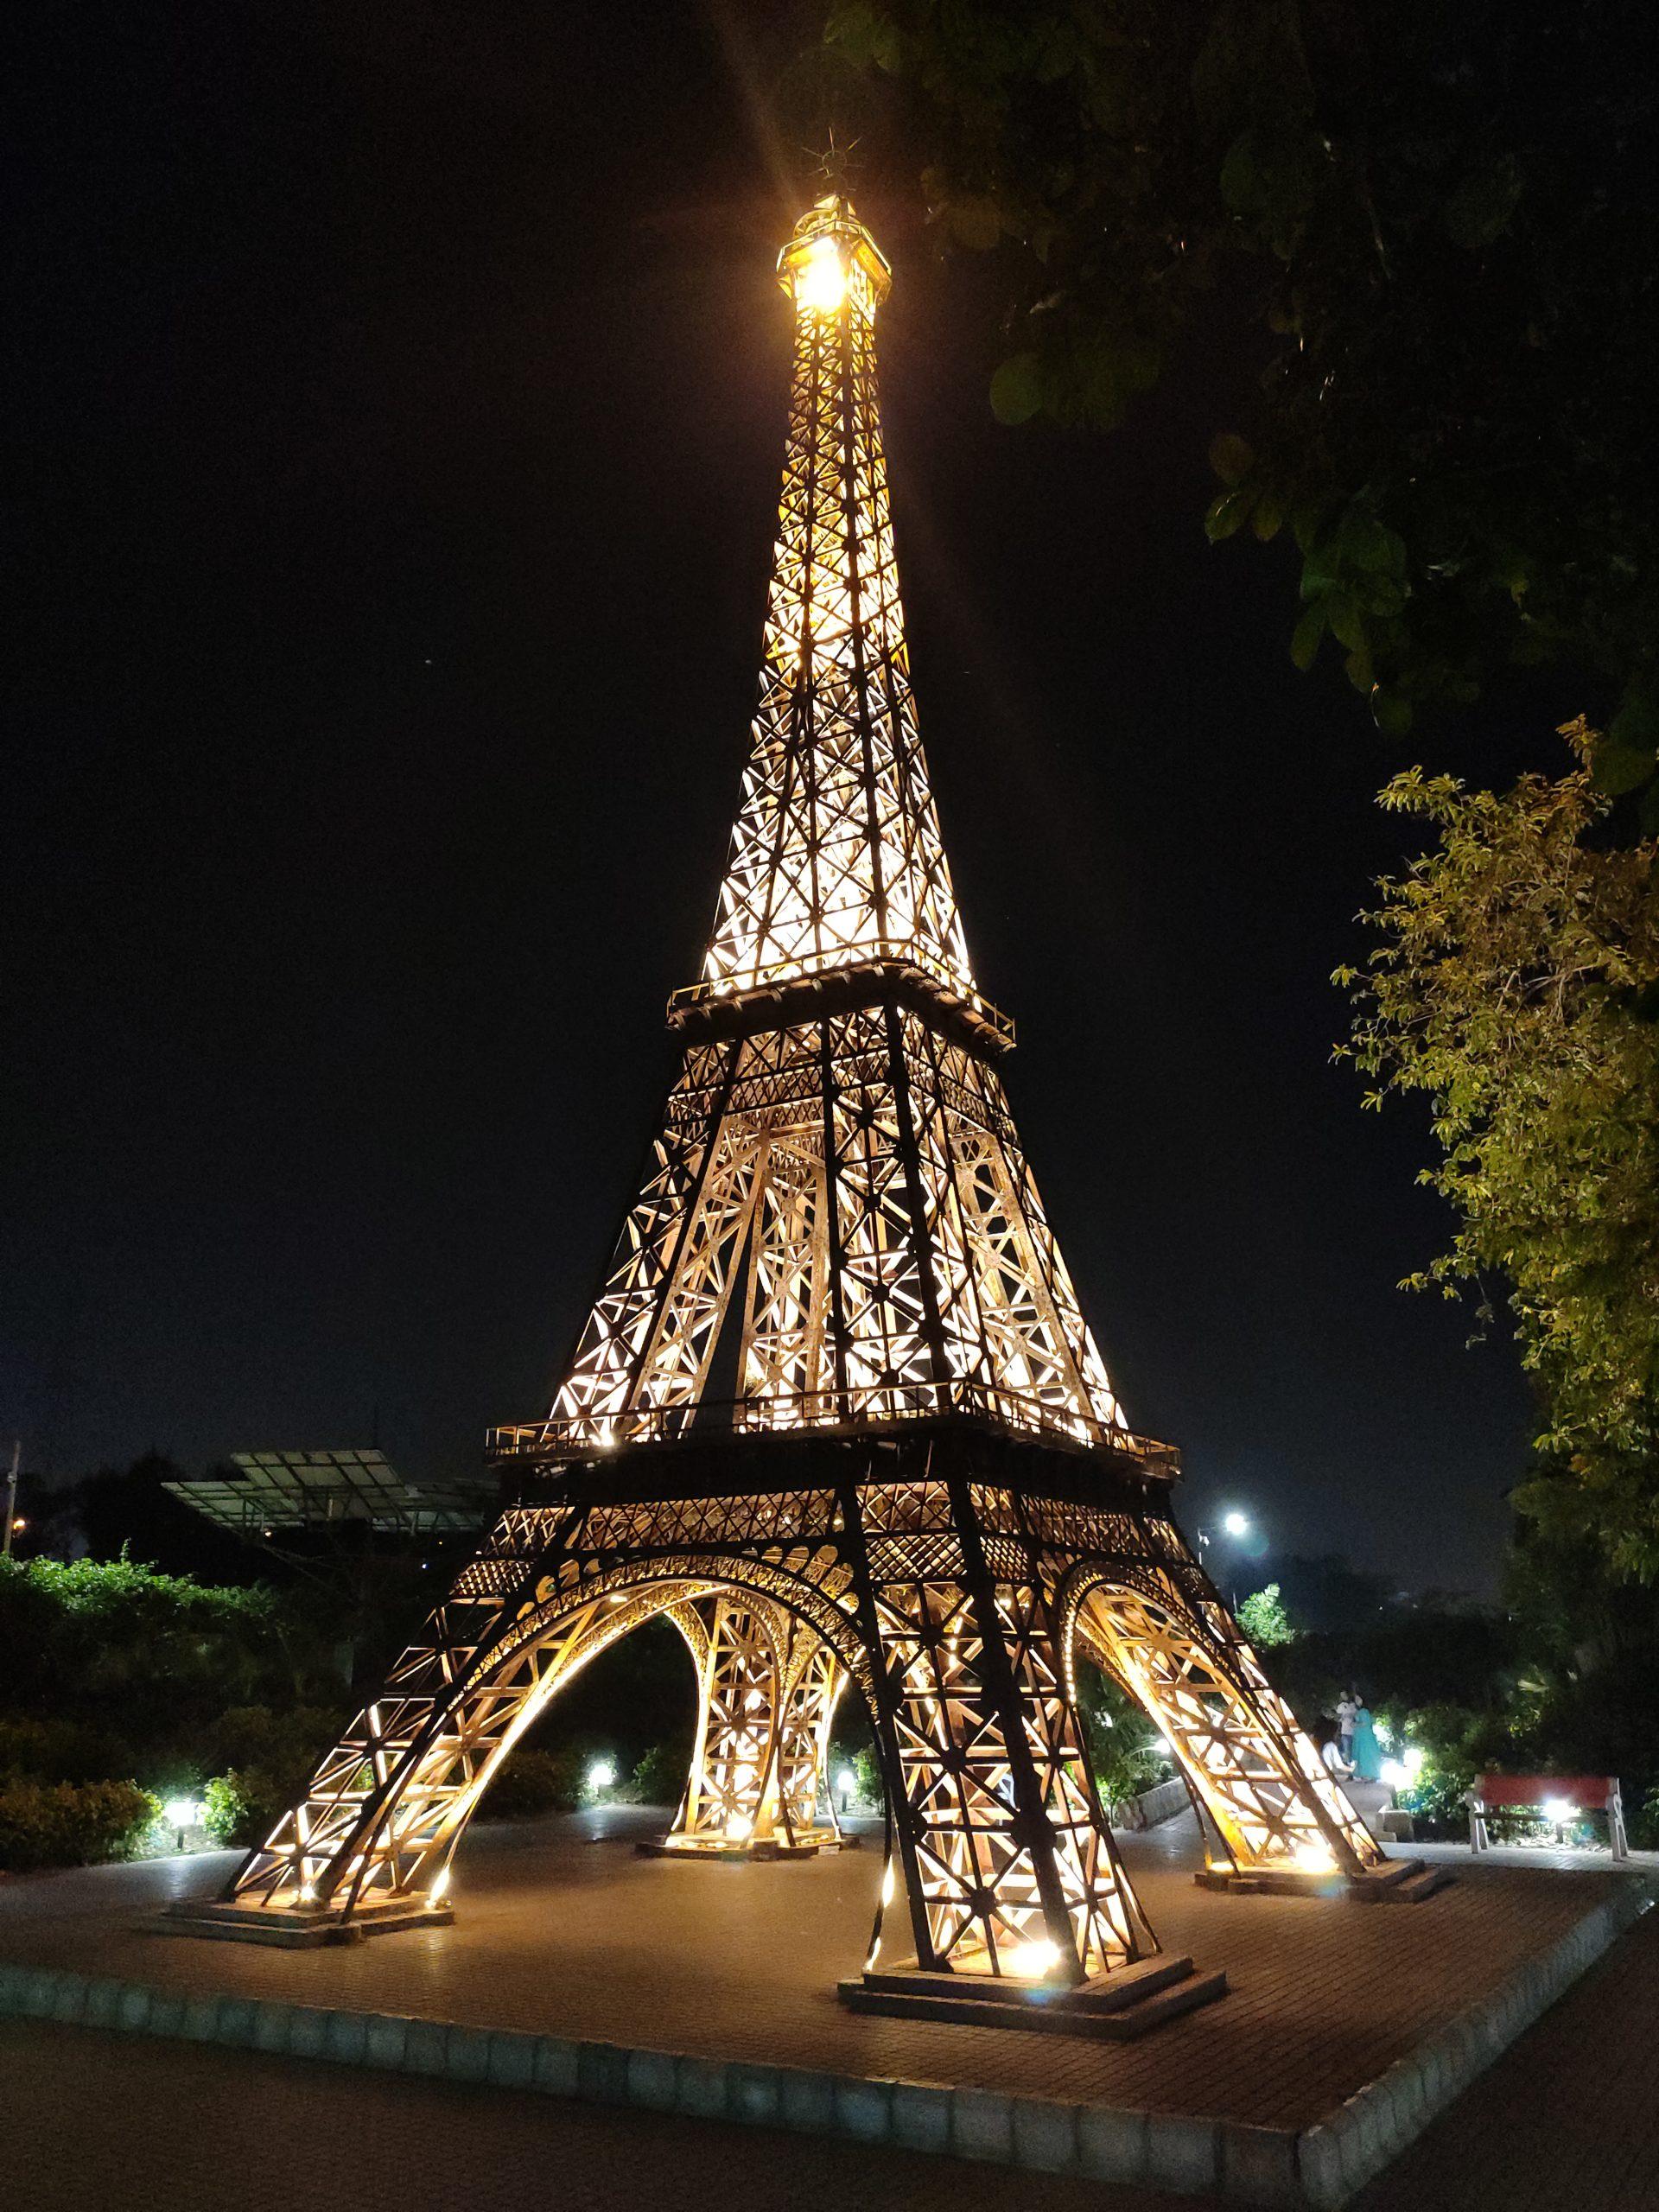 Replica of Eiffel Tower in Delhi, India